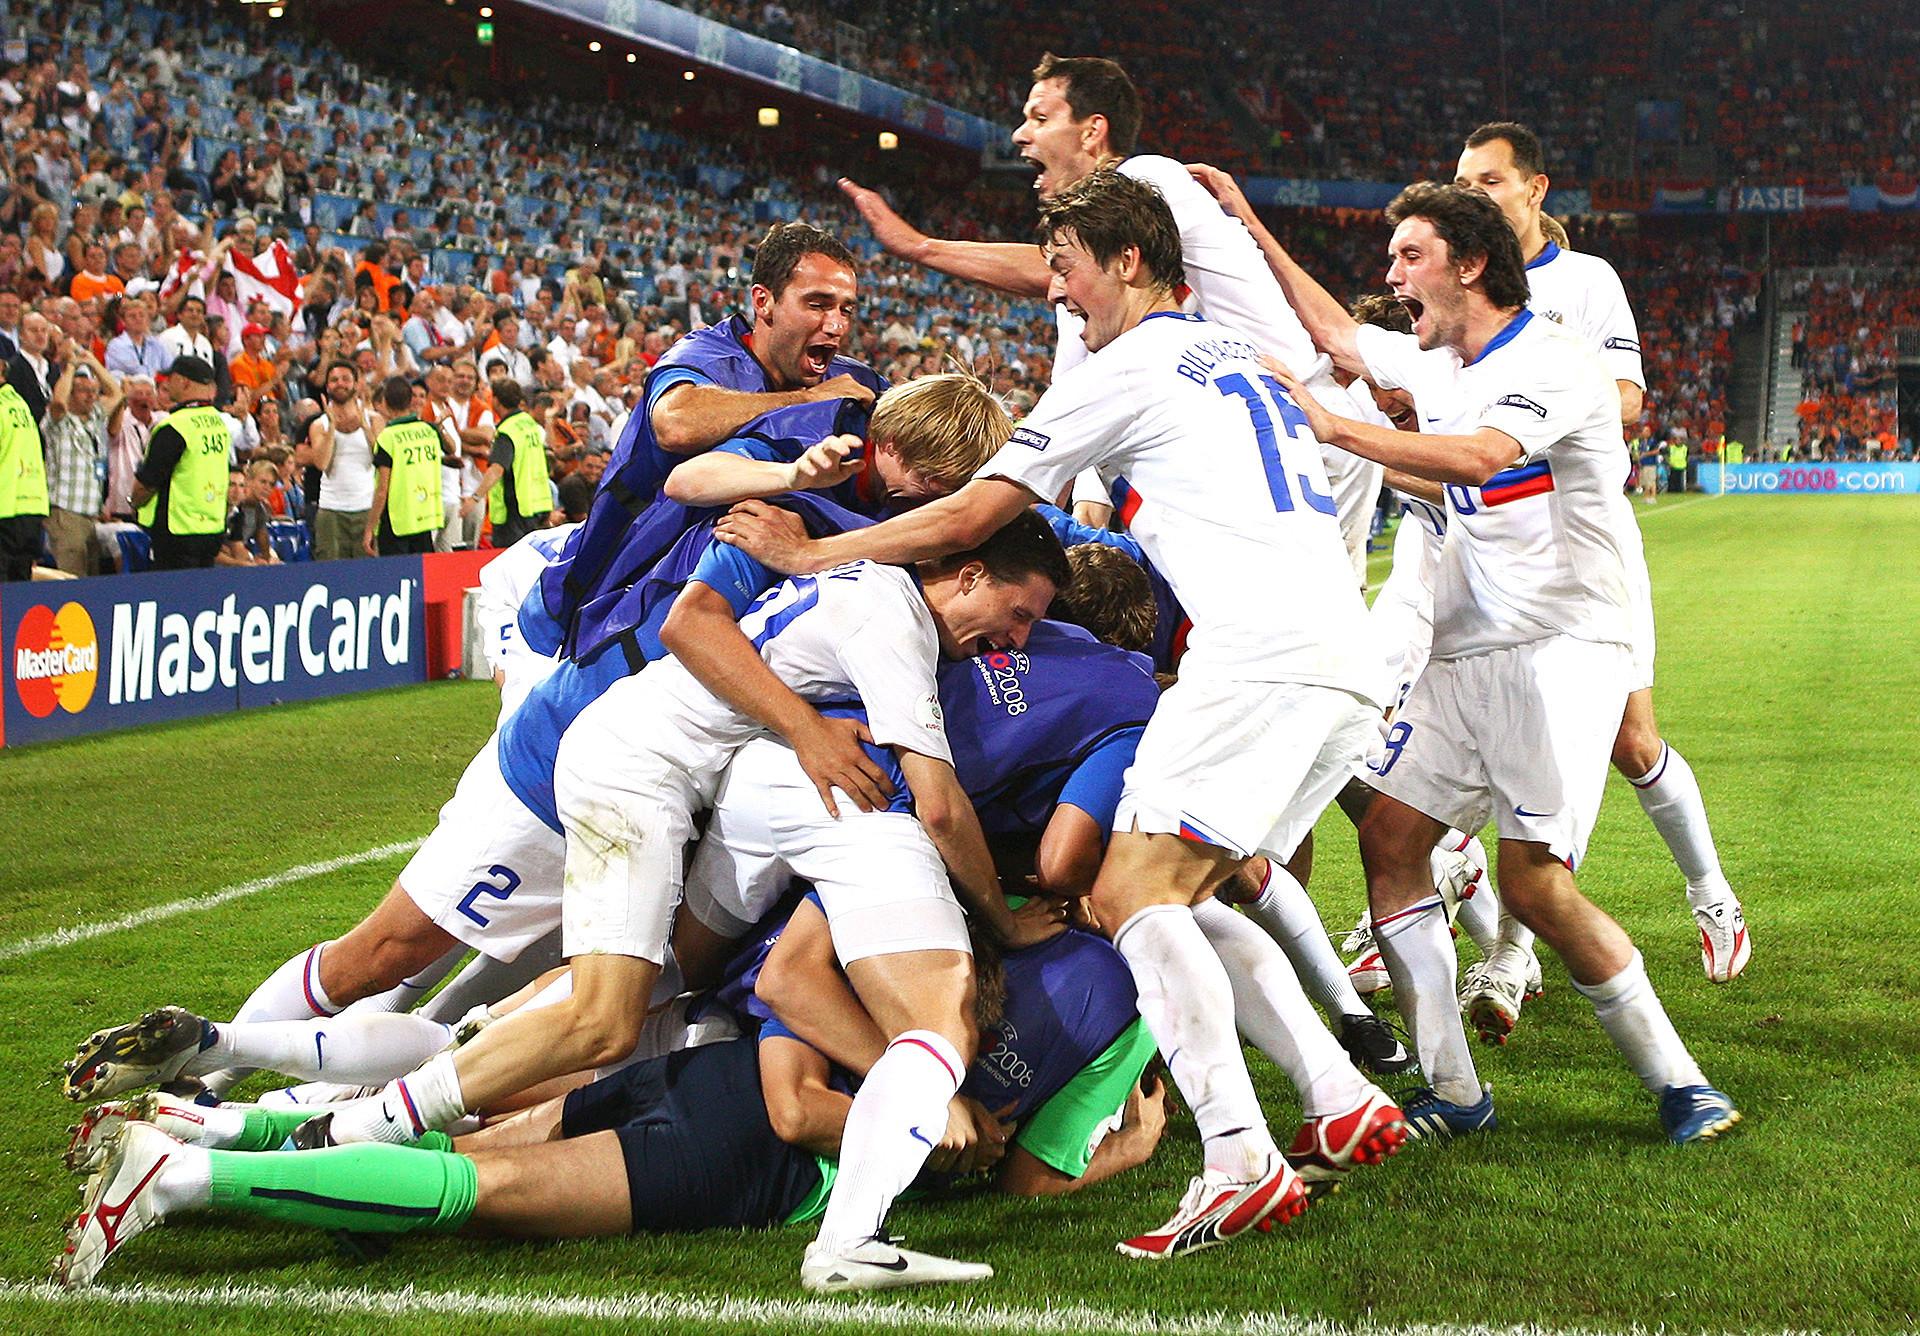 Vitória sobre Holanda em 2008 foi momento de euforia para a seleção russa, mas, desde então, situação permanece desfavorável para a equipe